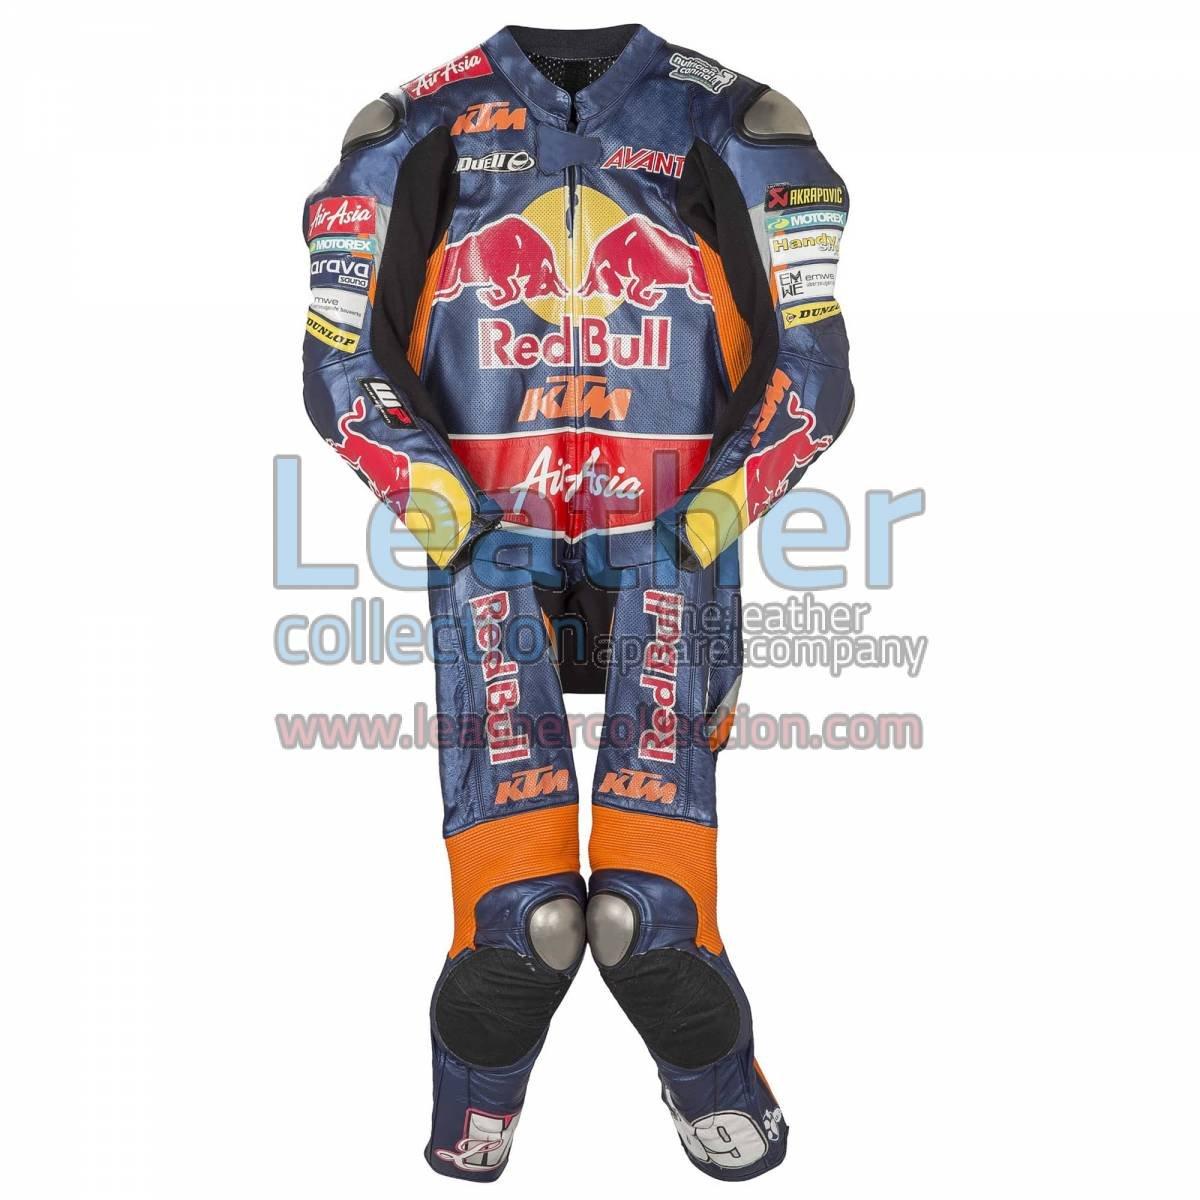 Luis Salom KTM 2013 Leather Suit